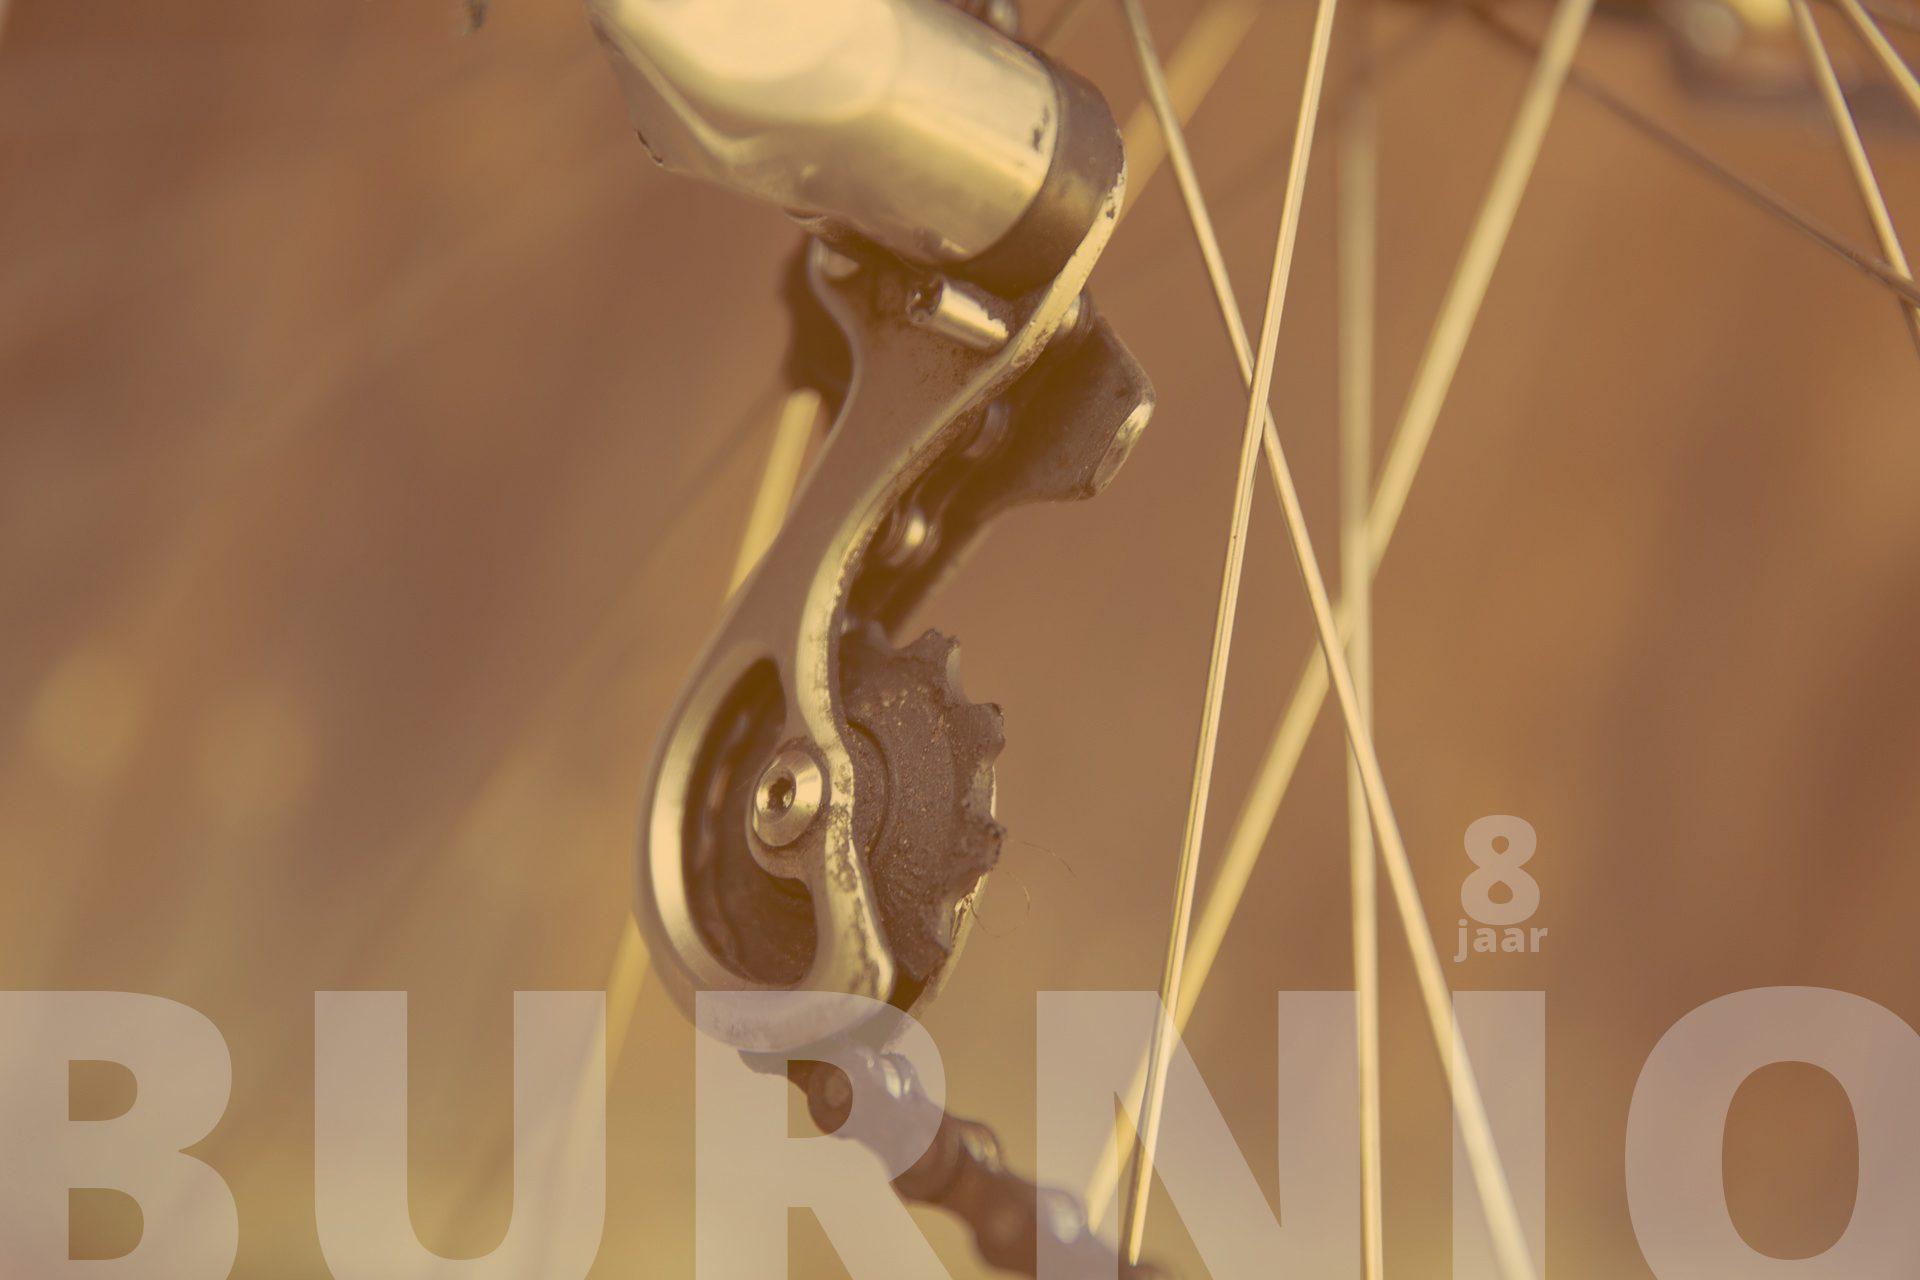 Burnio is 8 jaar onderweg